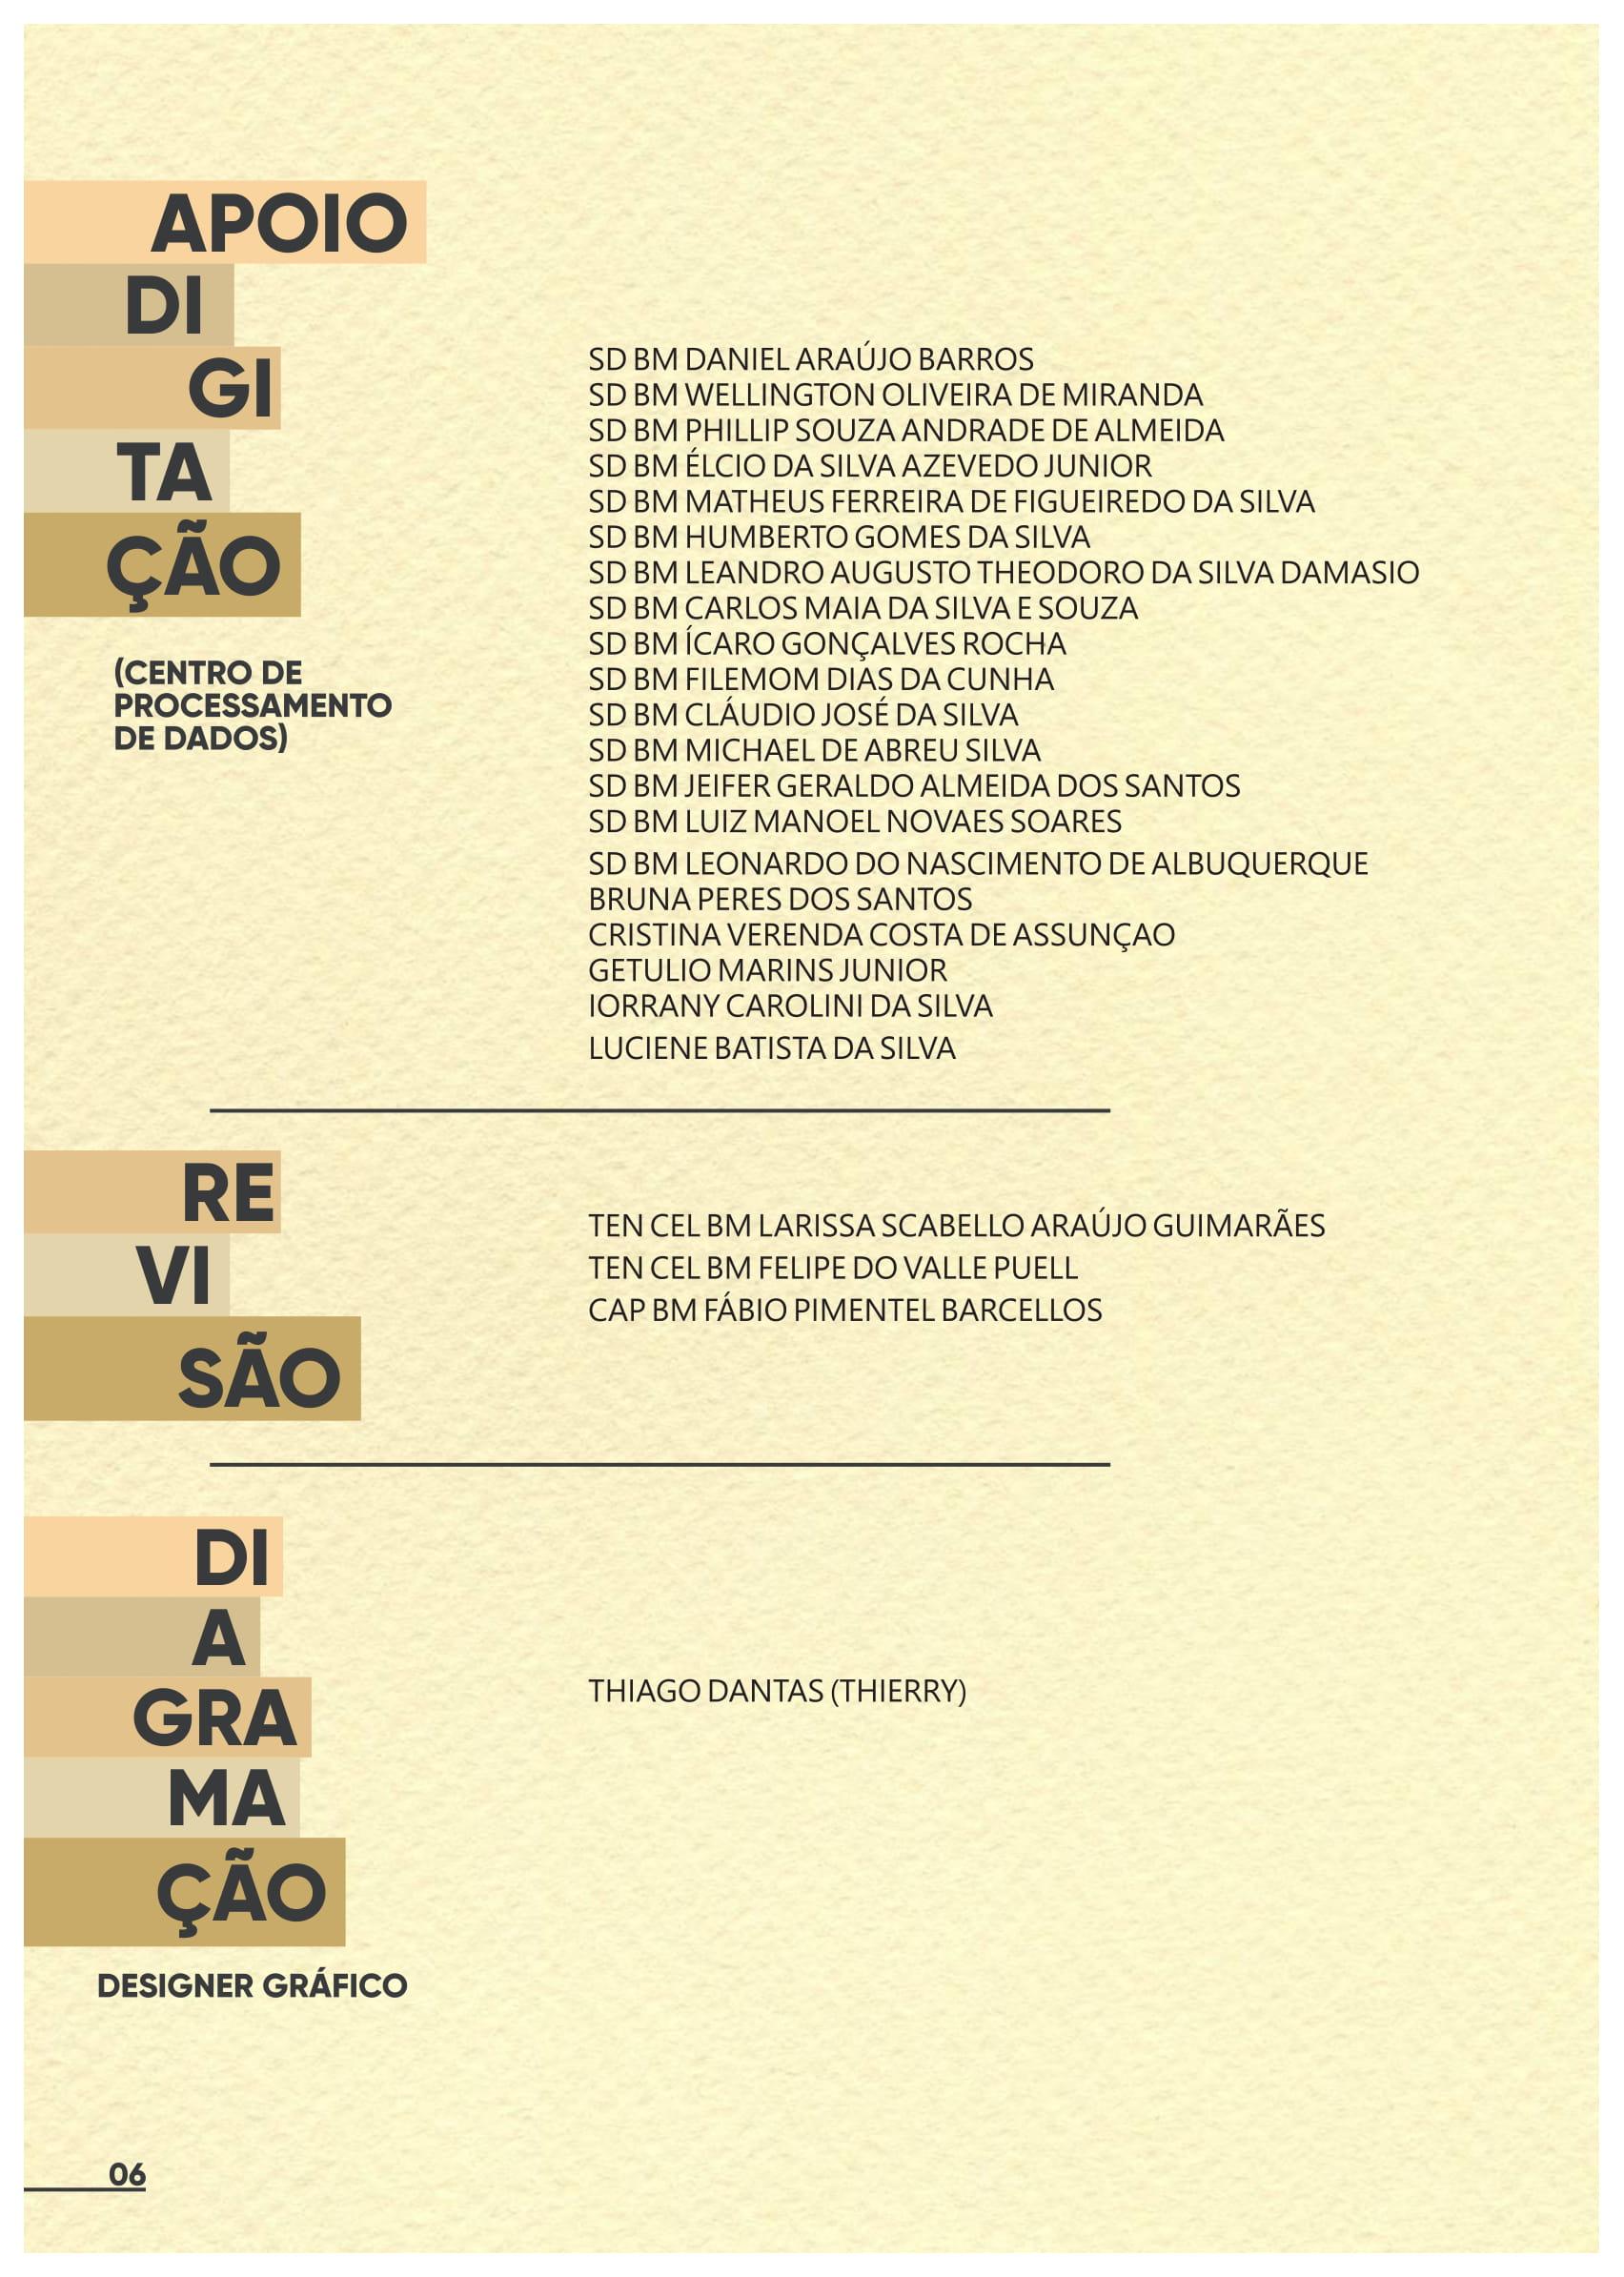 VIDAS_EM_TRANSITO_2017_2018-06